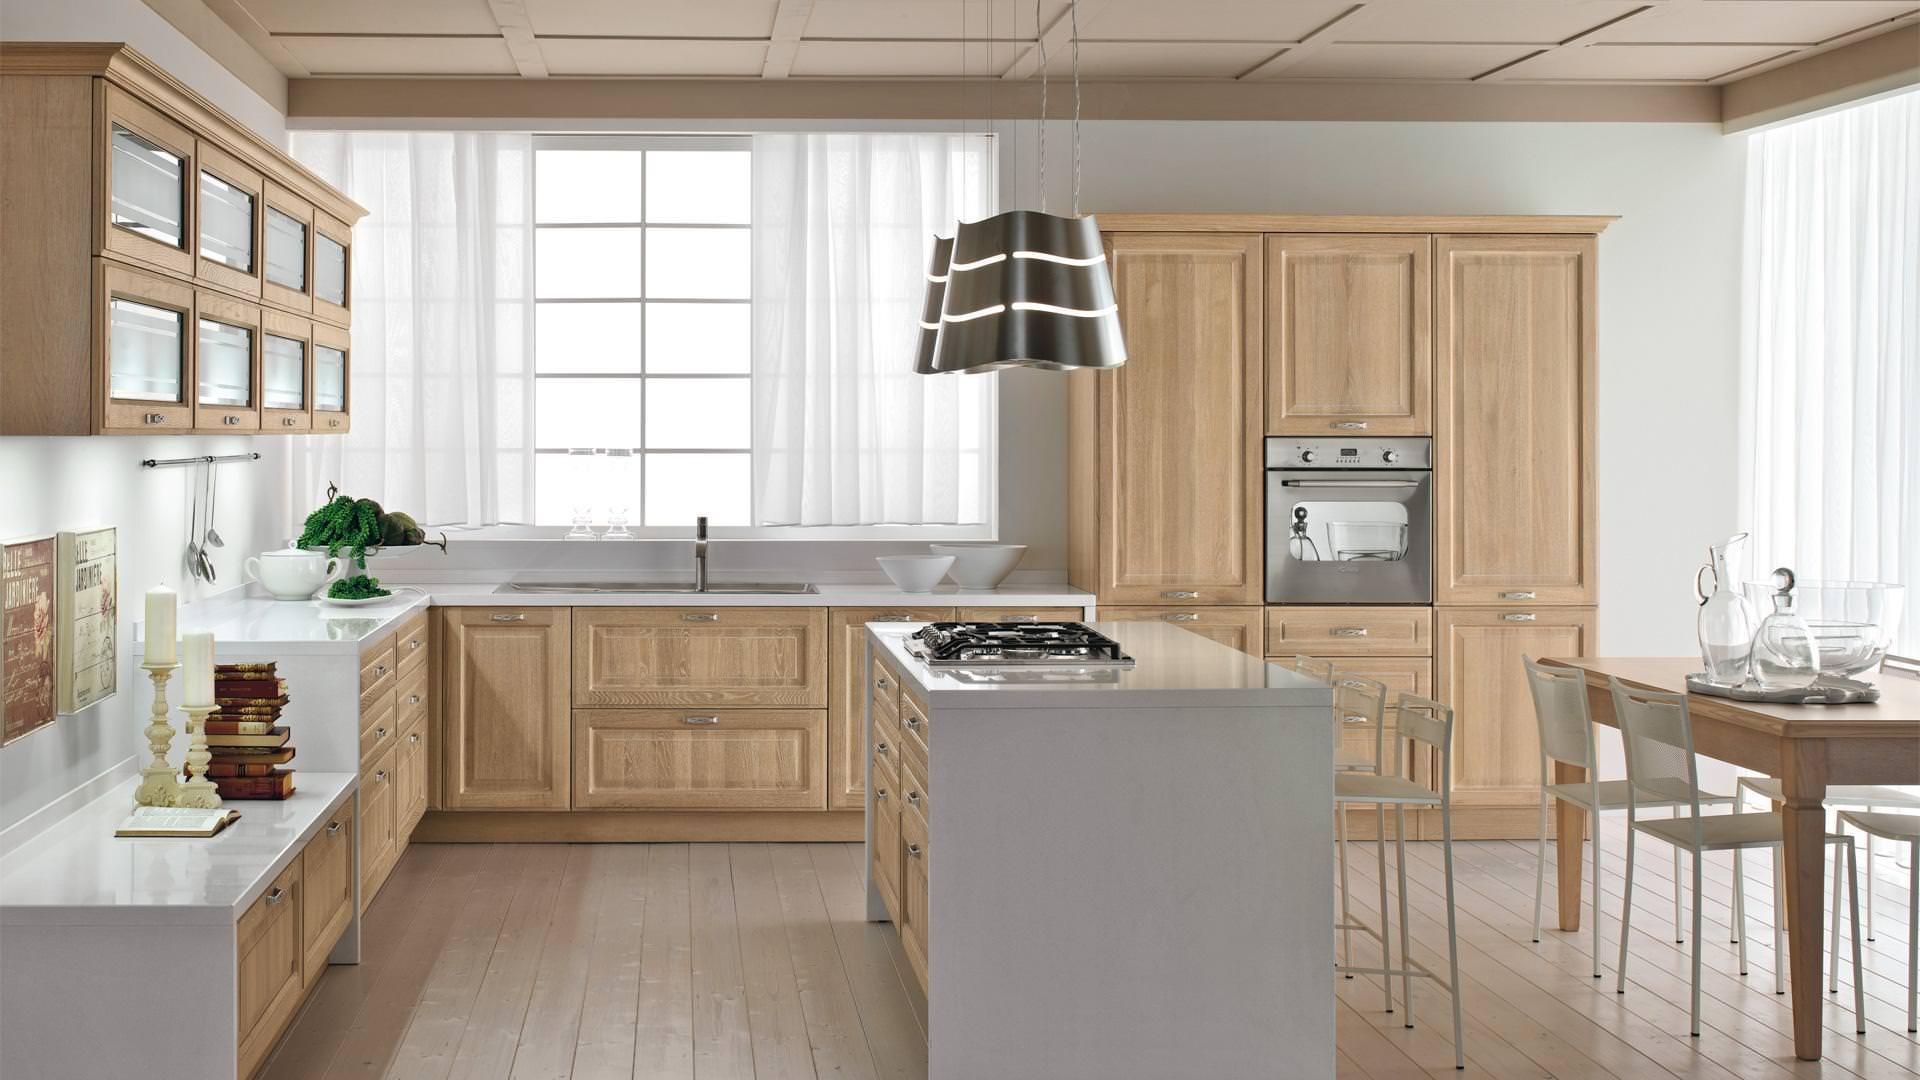 Le 4 tendenze d arredo in cucina pi diffuse a bari rafaschieri arredamenti - Tendenze cucine 2017 ...